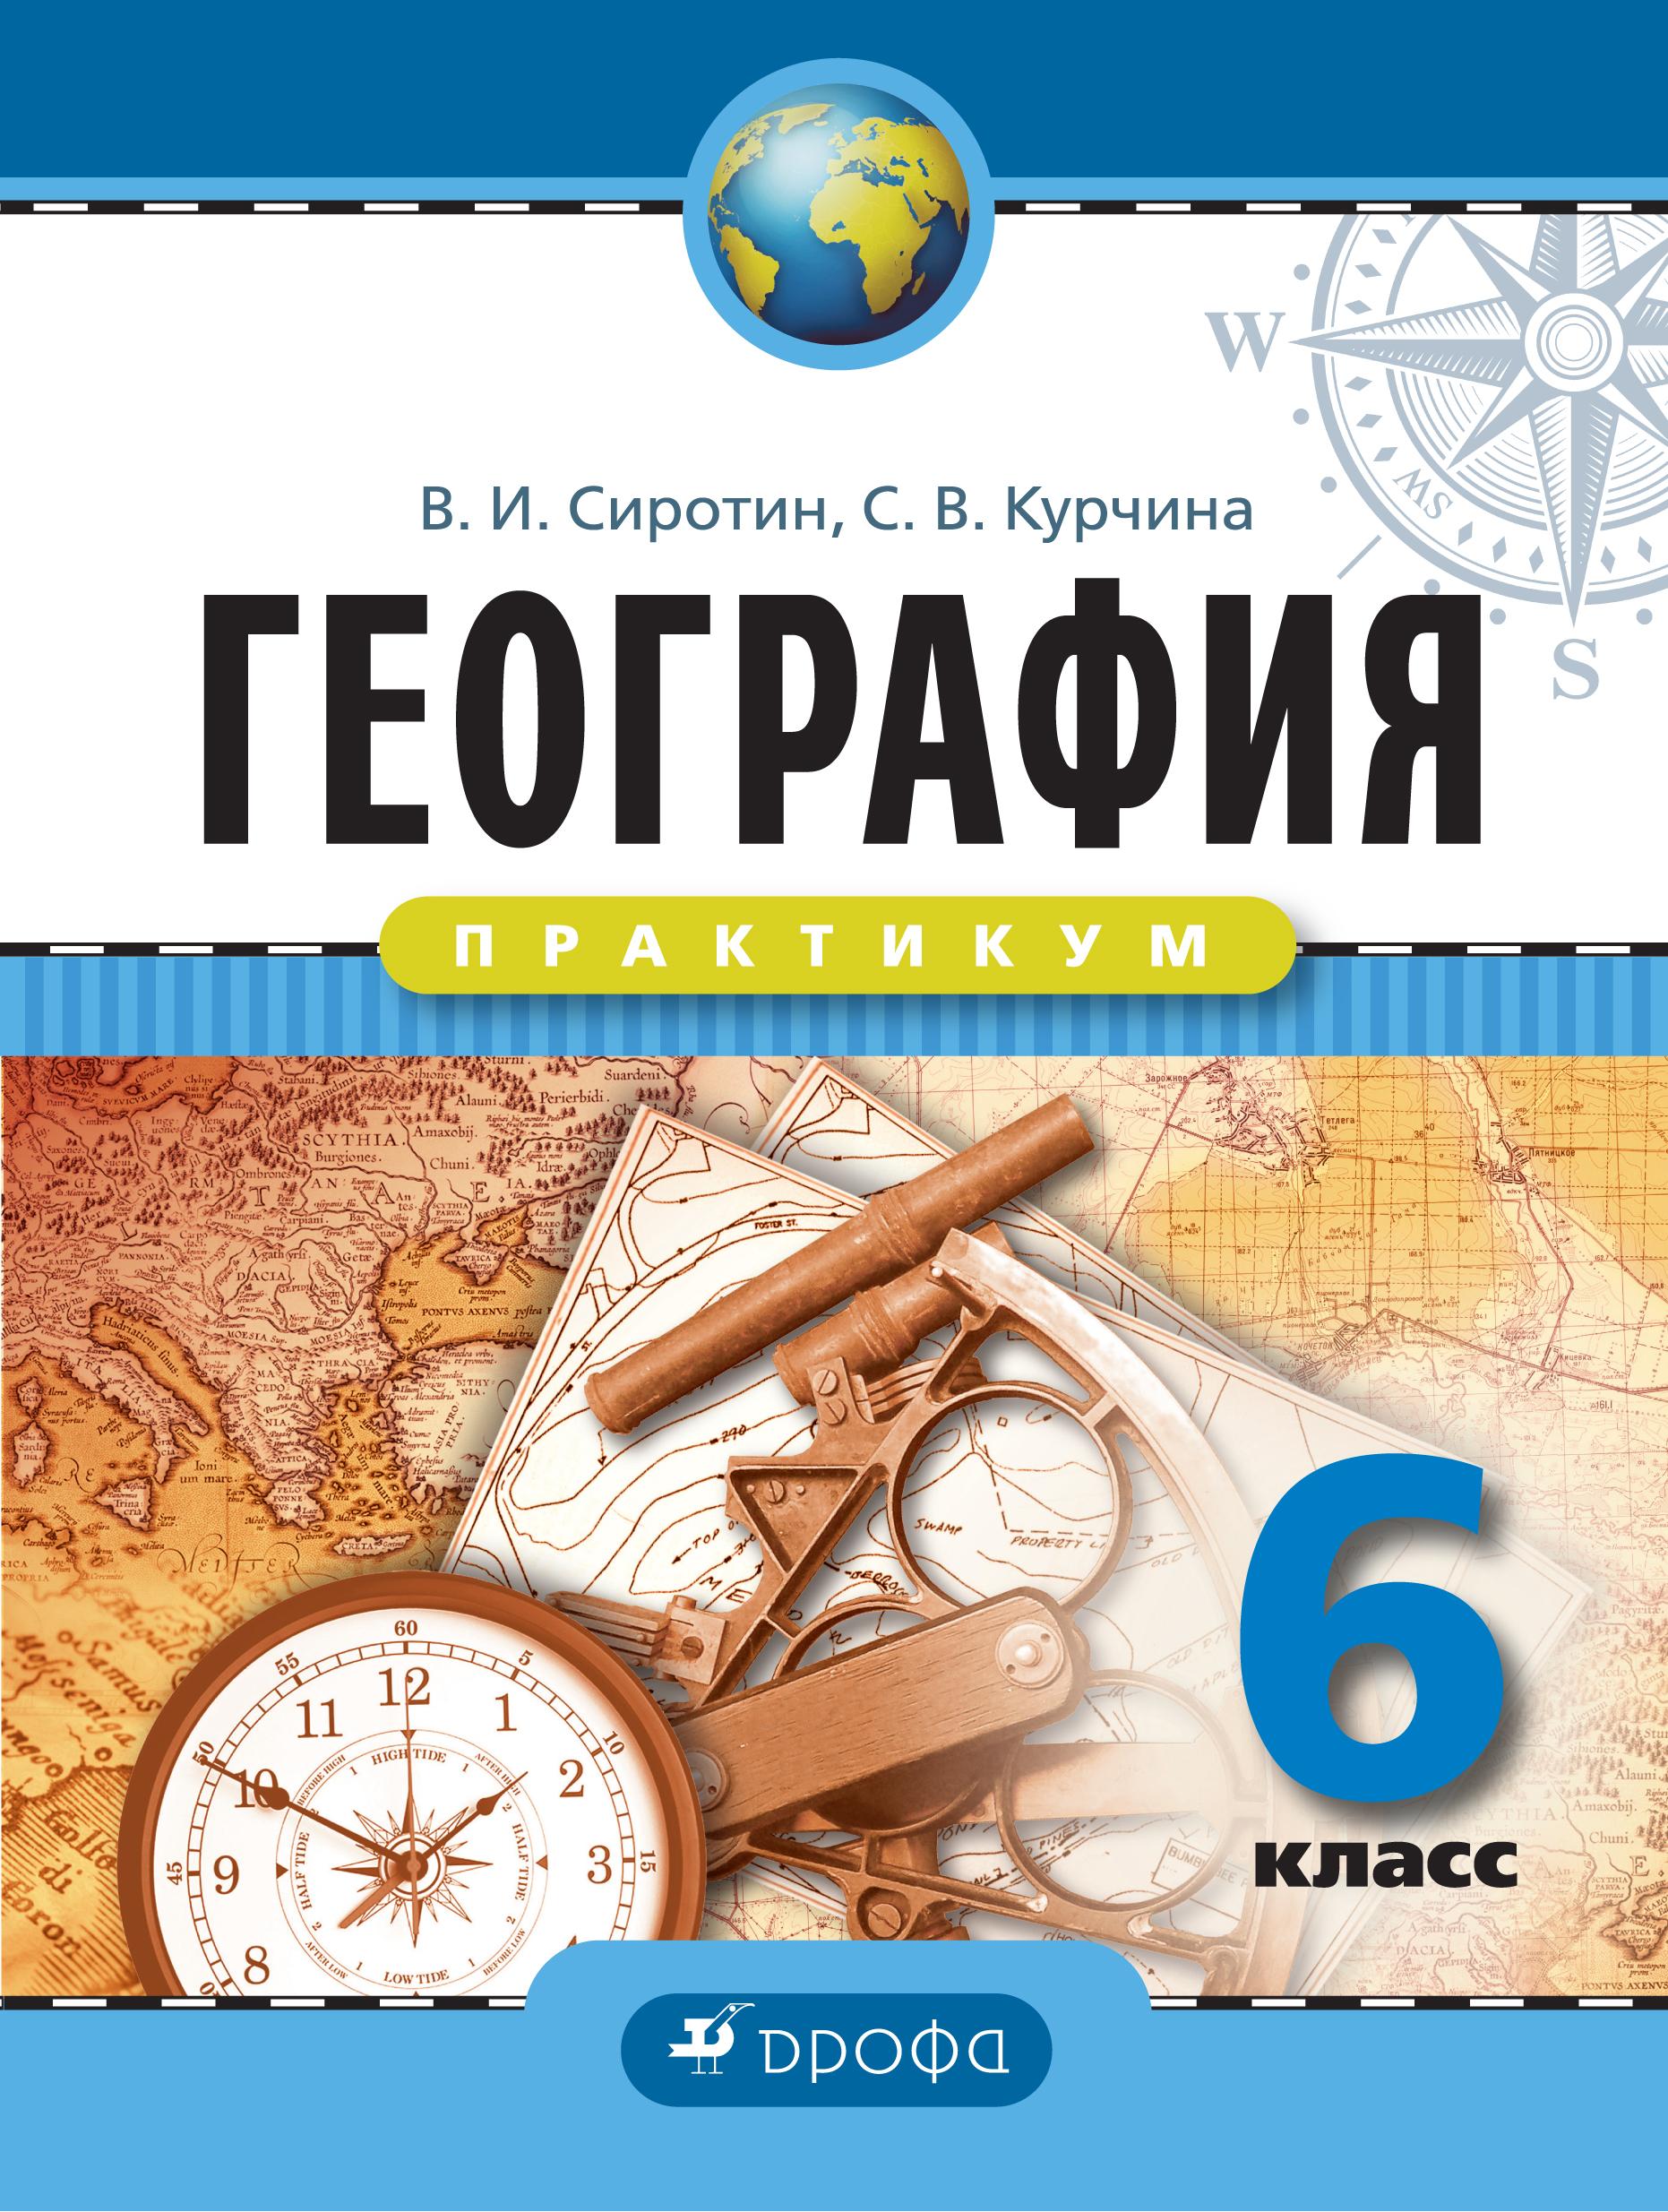 Краткий молитвослов православный на русском языке читать